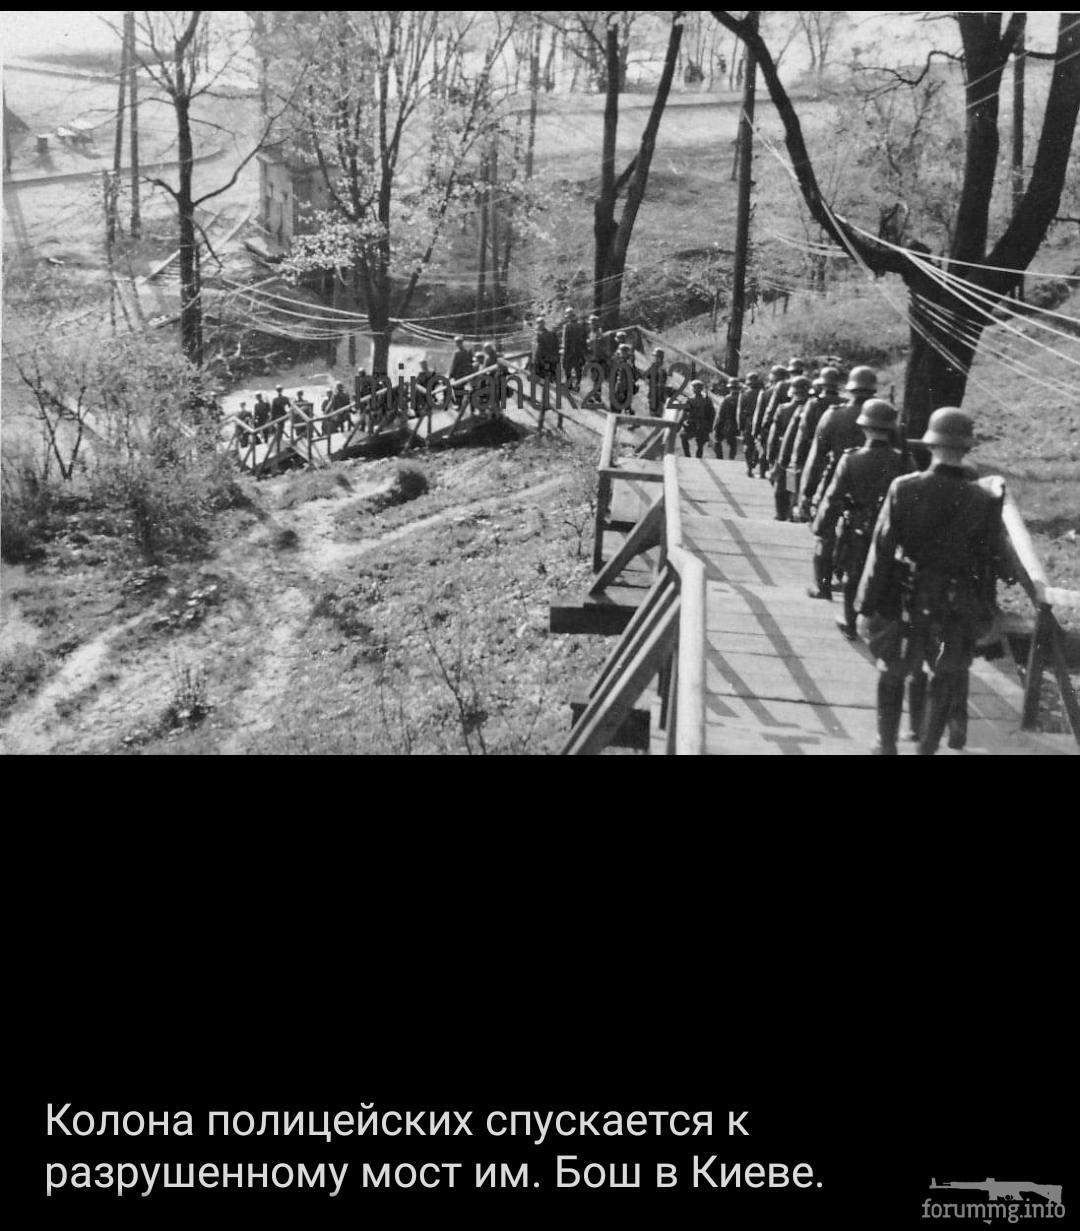 134542 - Оккупированная Украина в фотографиях